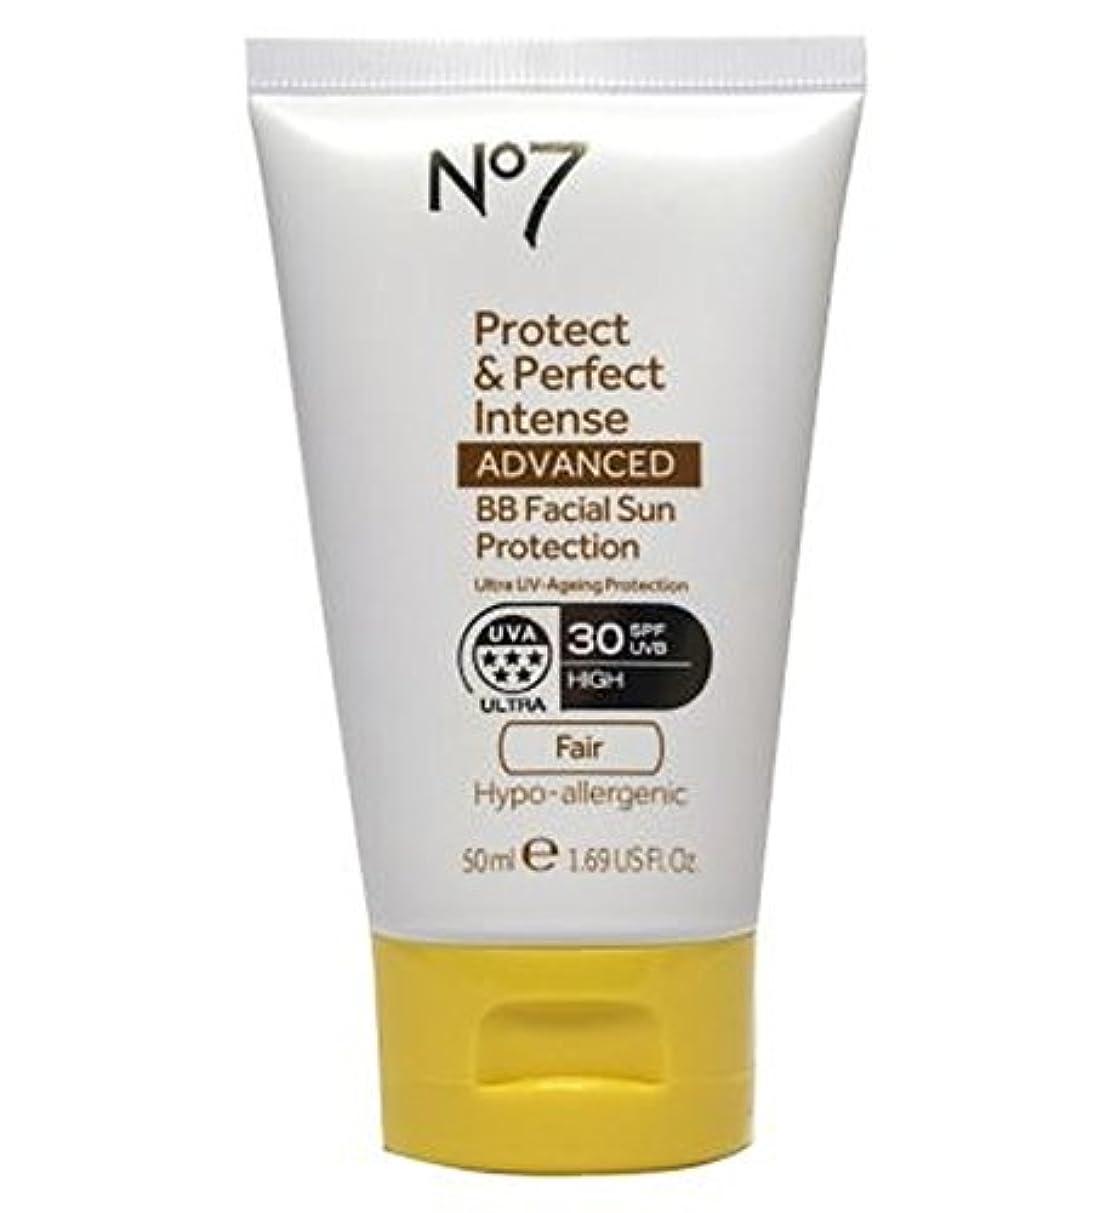 発掘する課す政治家No7 Protect & Perfect Intense ADVANCED BB Facial Sun Protection SPF30 Light 50ml - No7保護&完璧な強烈な先進Bb顔の日焼け防止Spf30ライト50ミリリットル (No7) [並行輸入品]